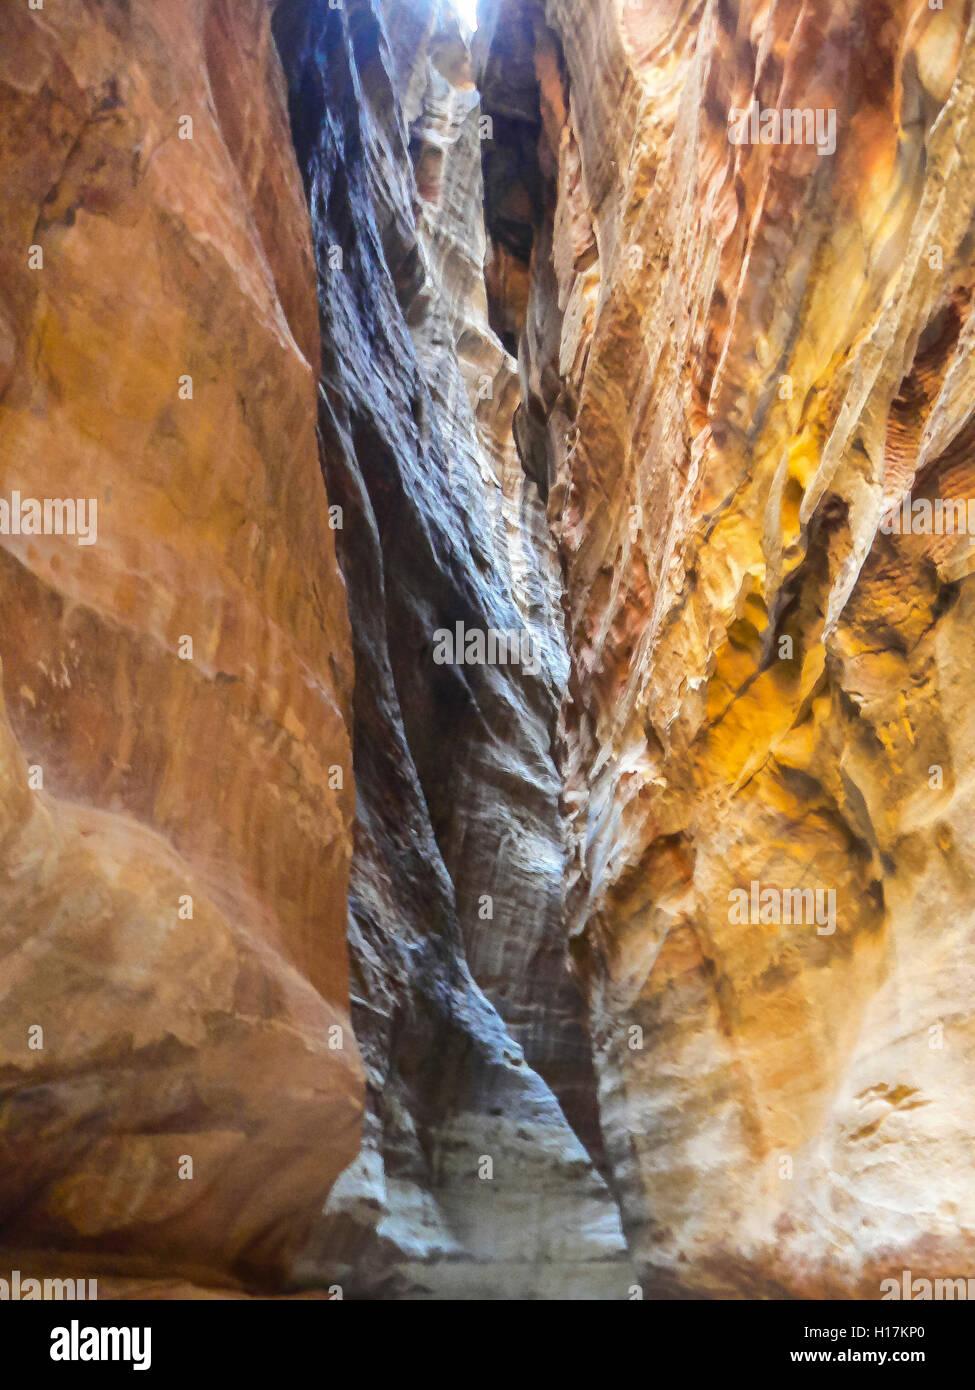 The Siq in Petra, path between rocks, Jordan - Stock Image